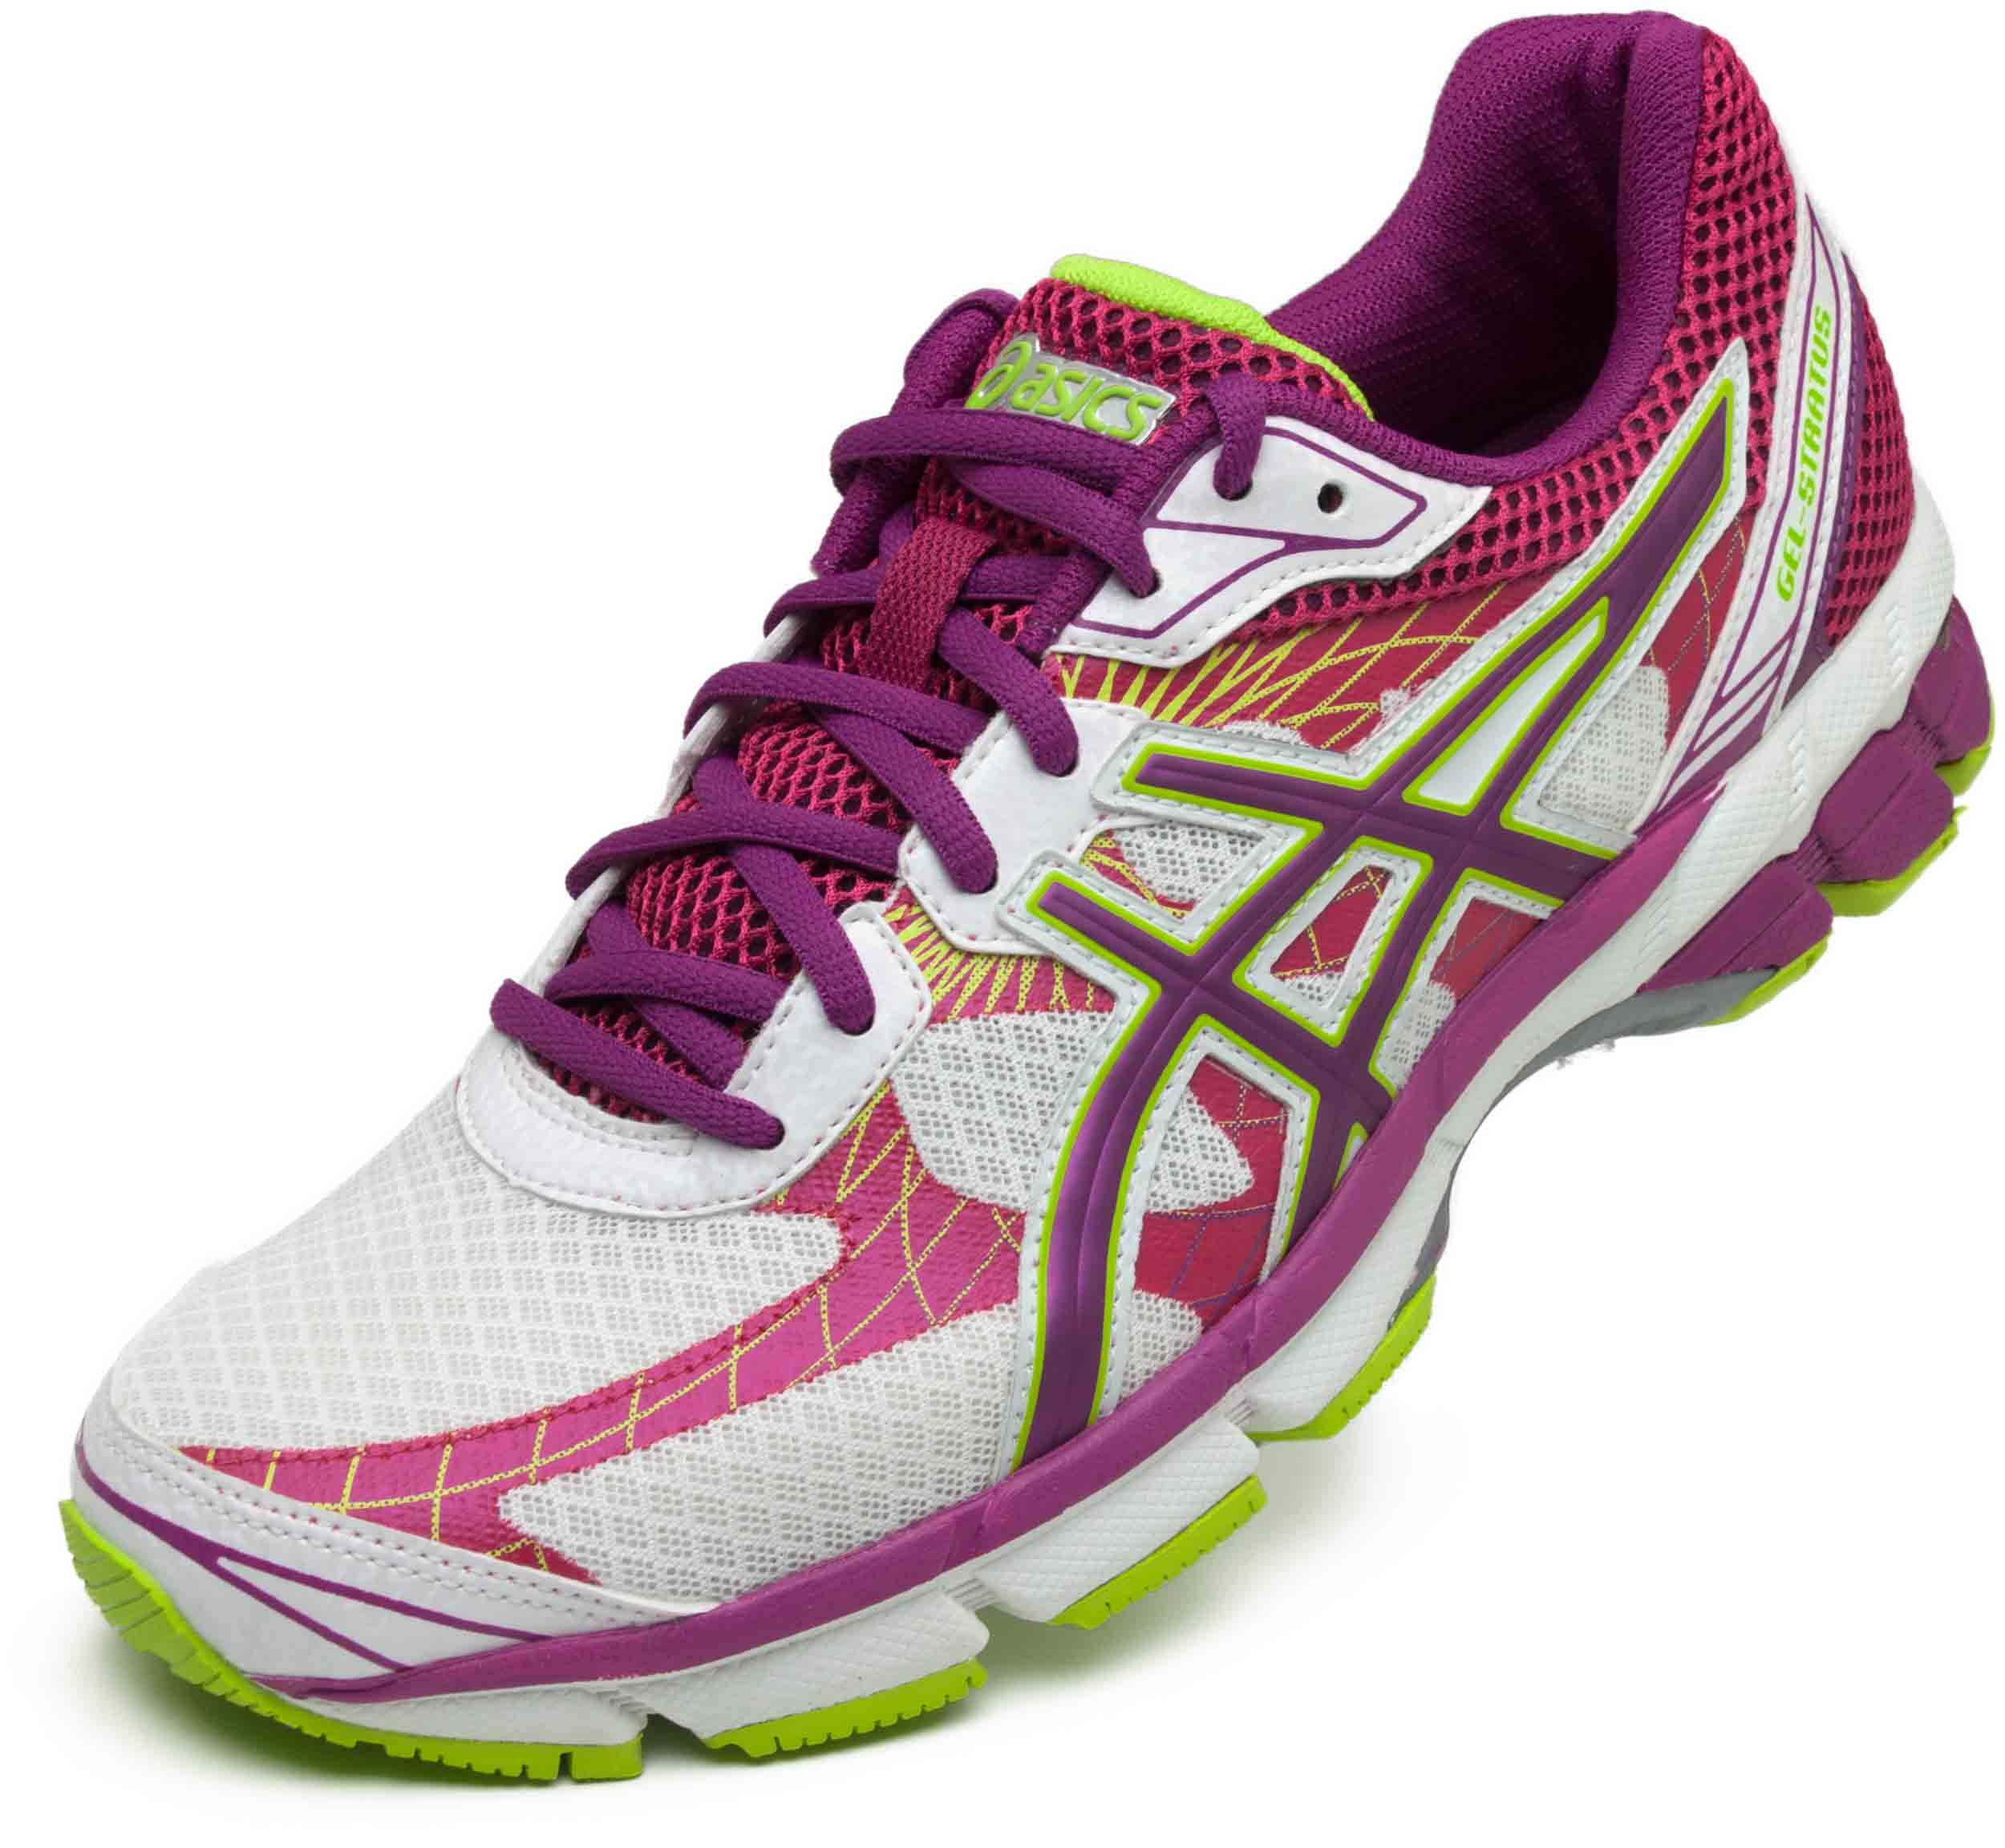 Dámská běžecká obuv Asics Gel-Stratus